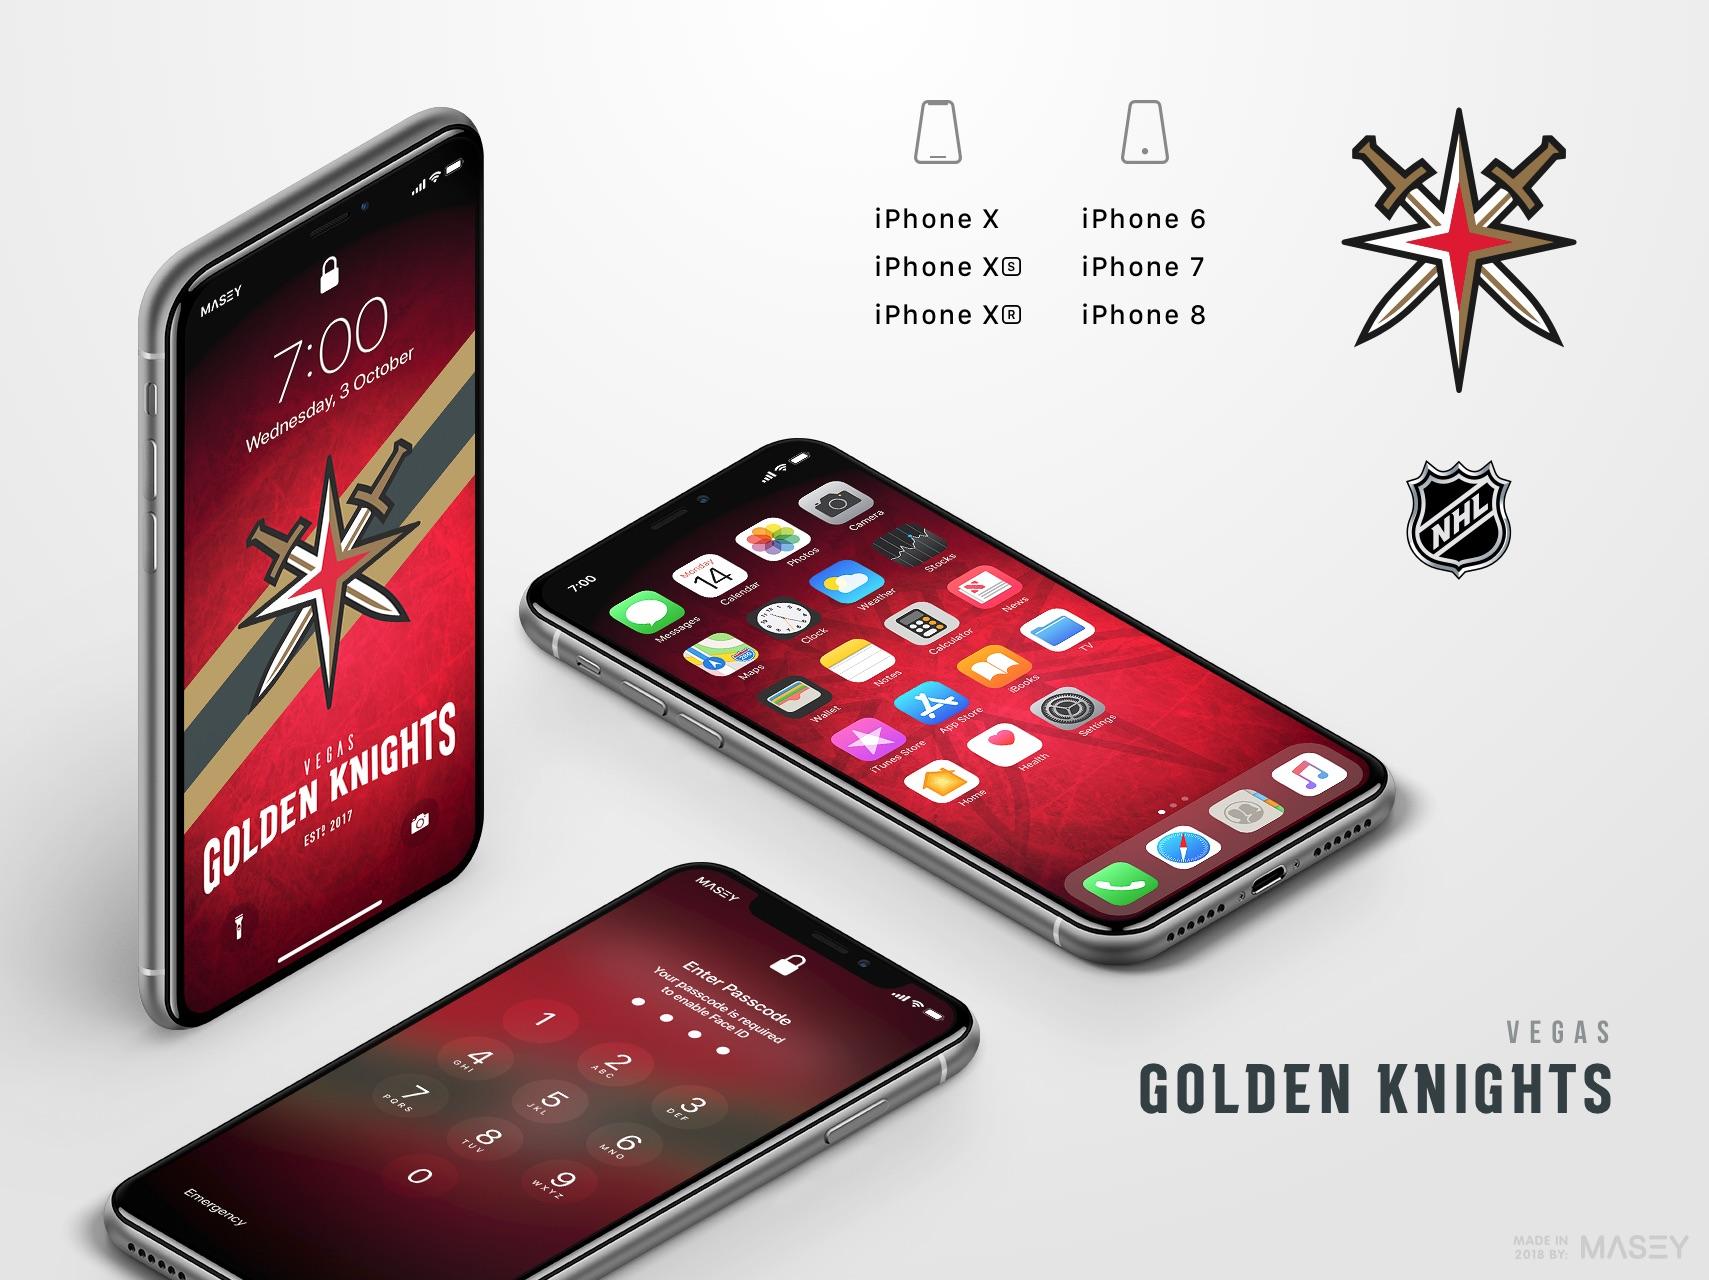 Vegas Golden Knights iPhone Wallpaper